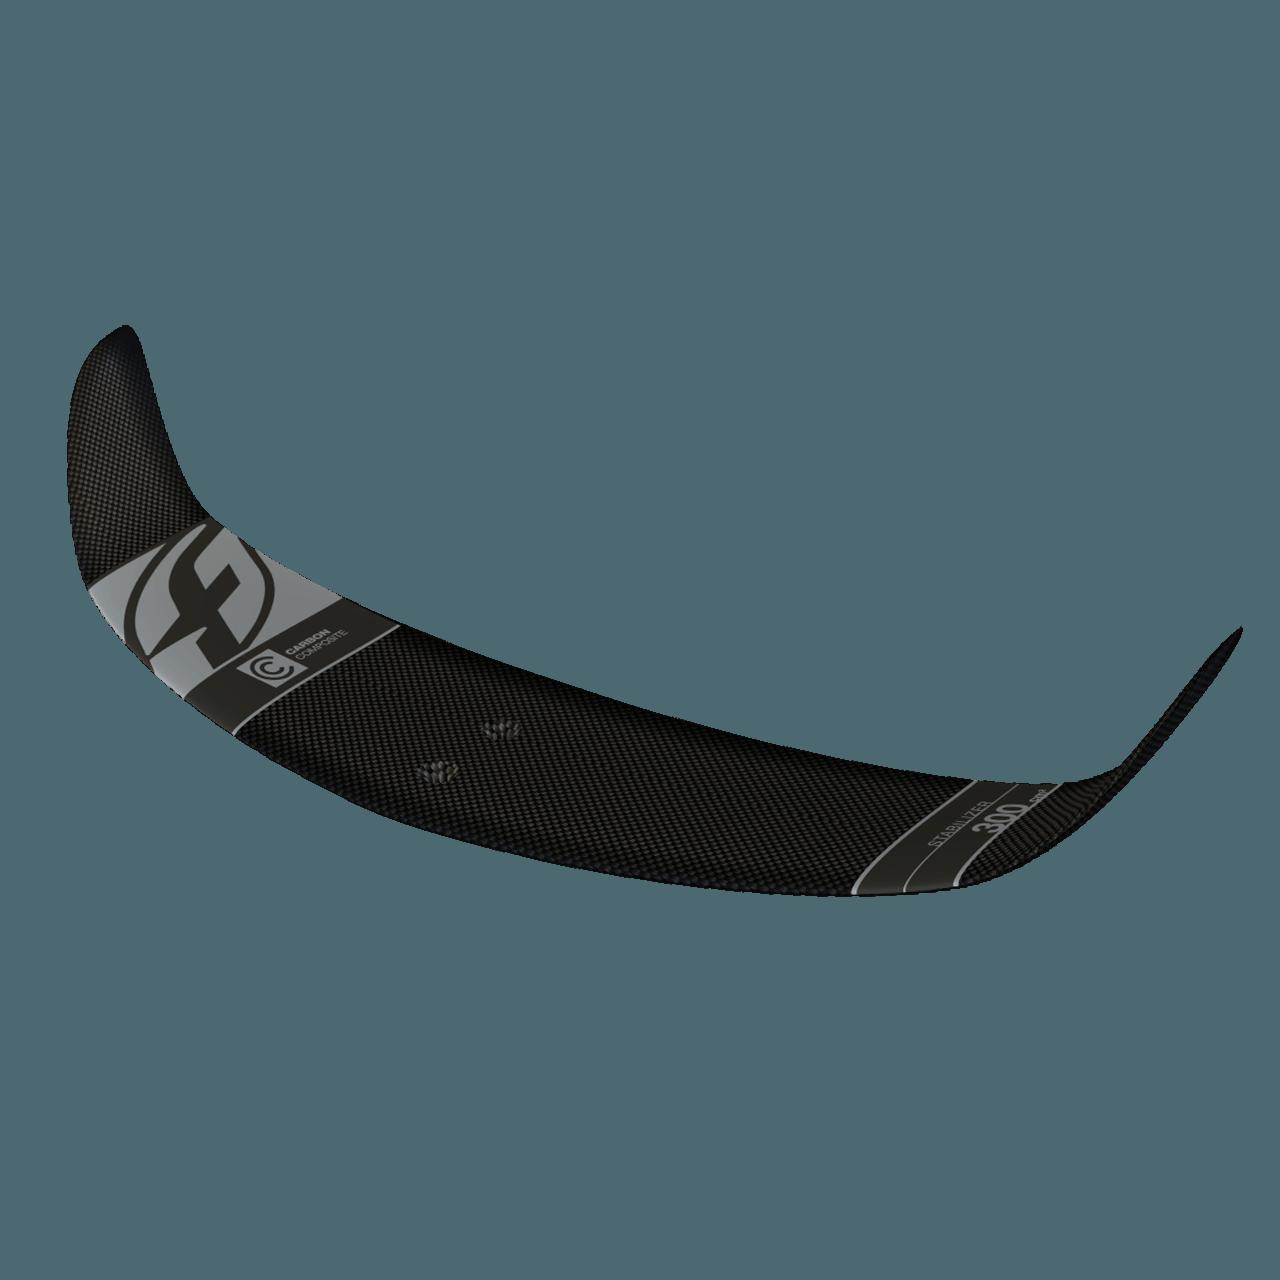 Prorider shop FOne Hydrofoil Cc 300 Stab